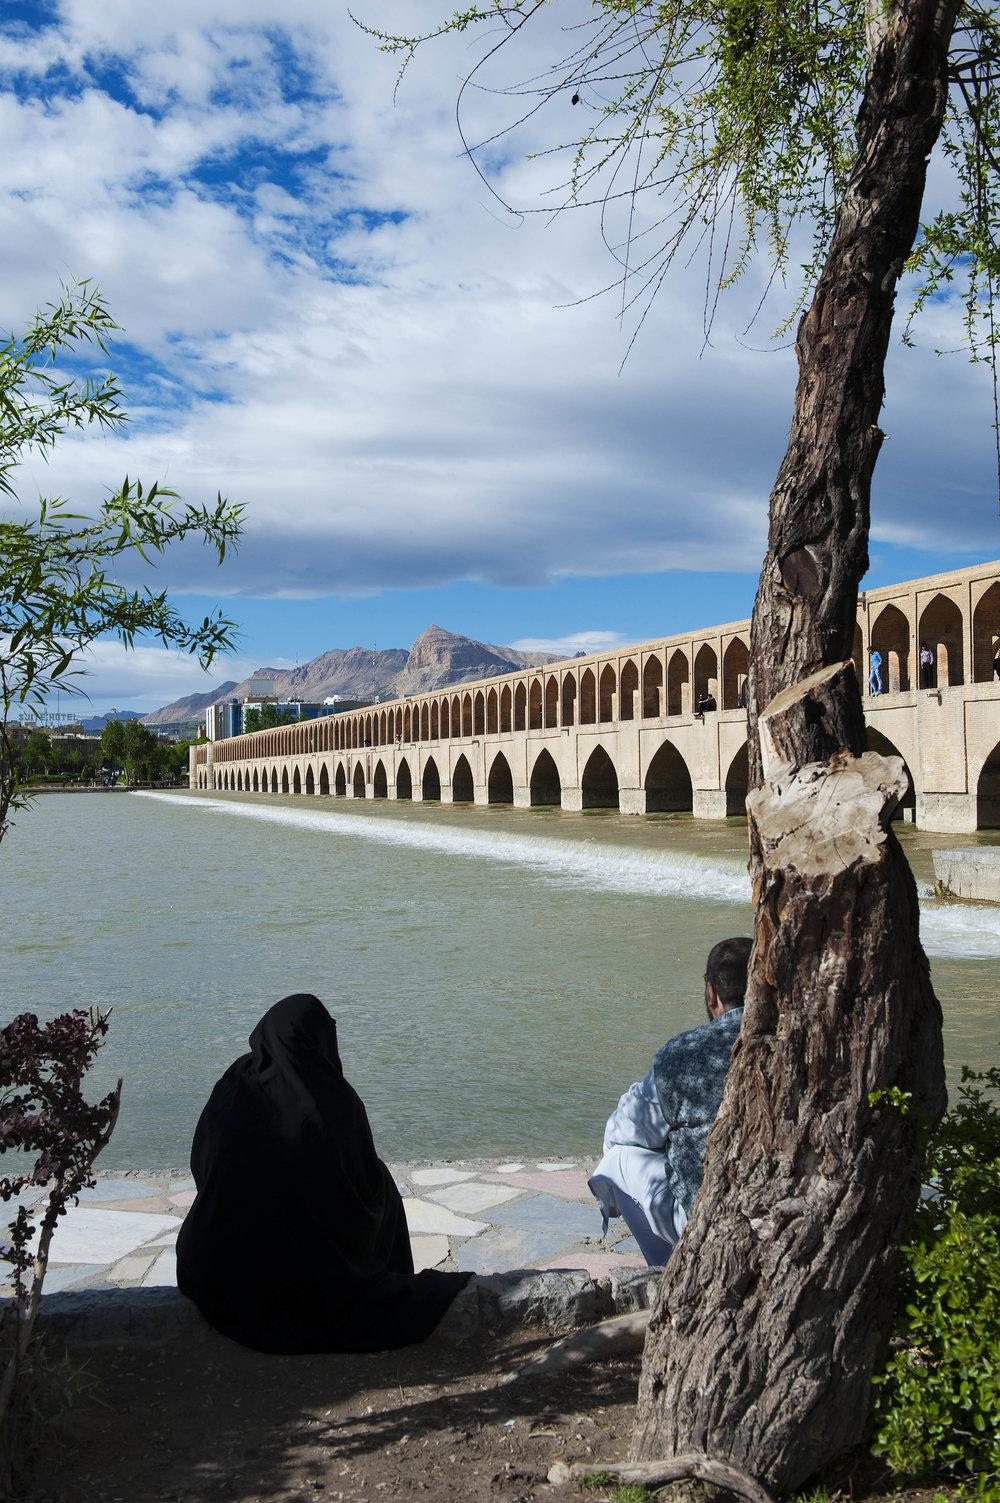 Pol Khajoo (33 bridges) in Isfahan